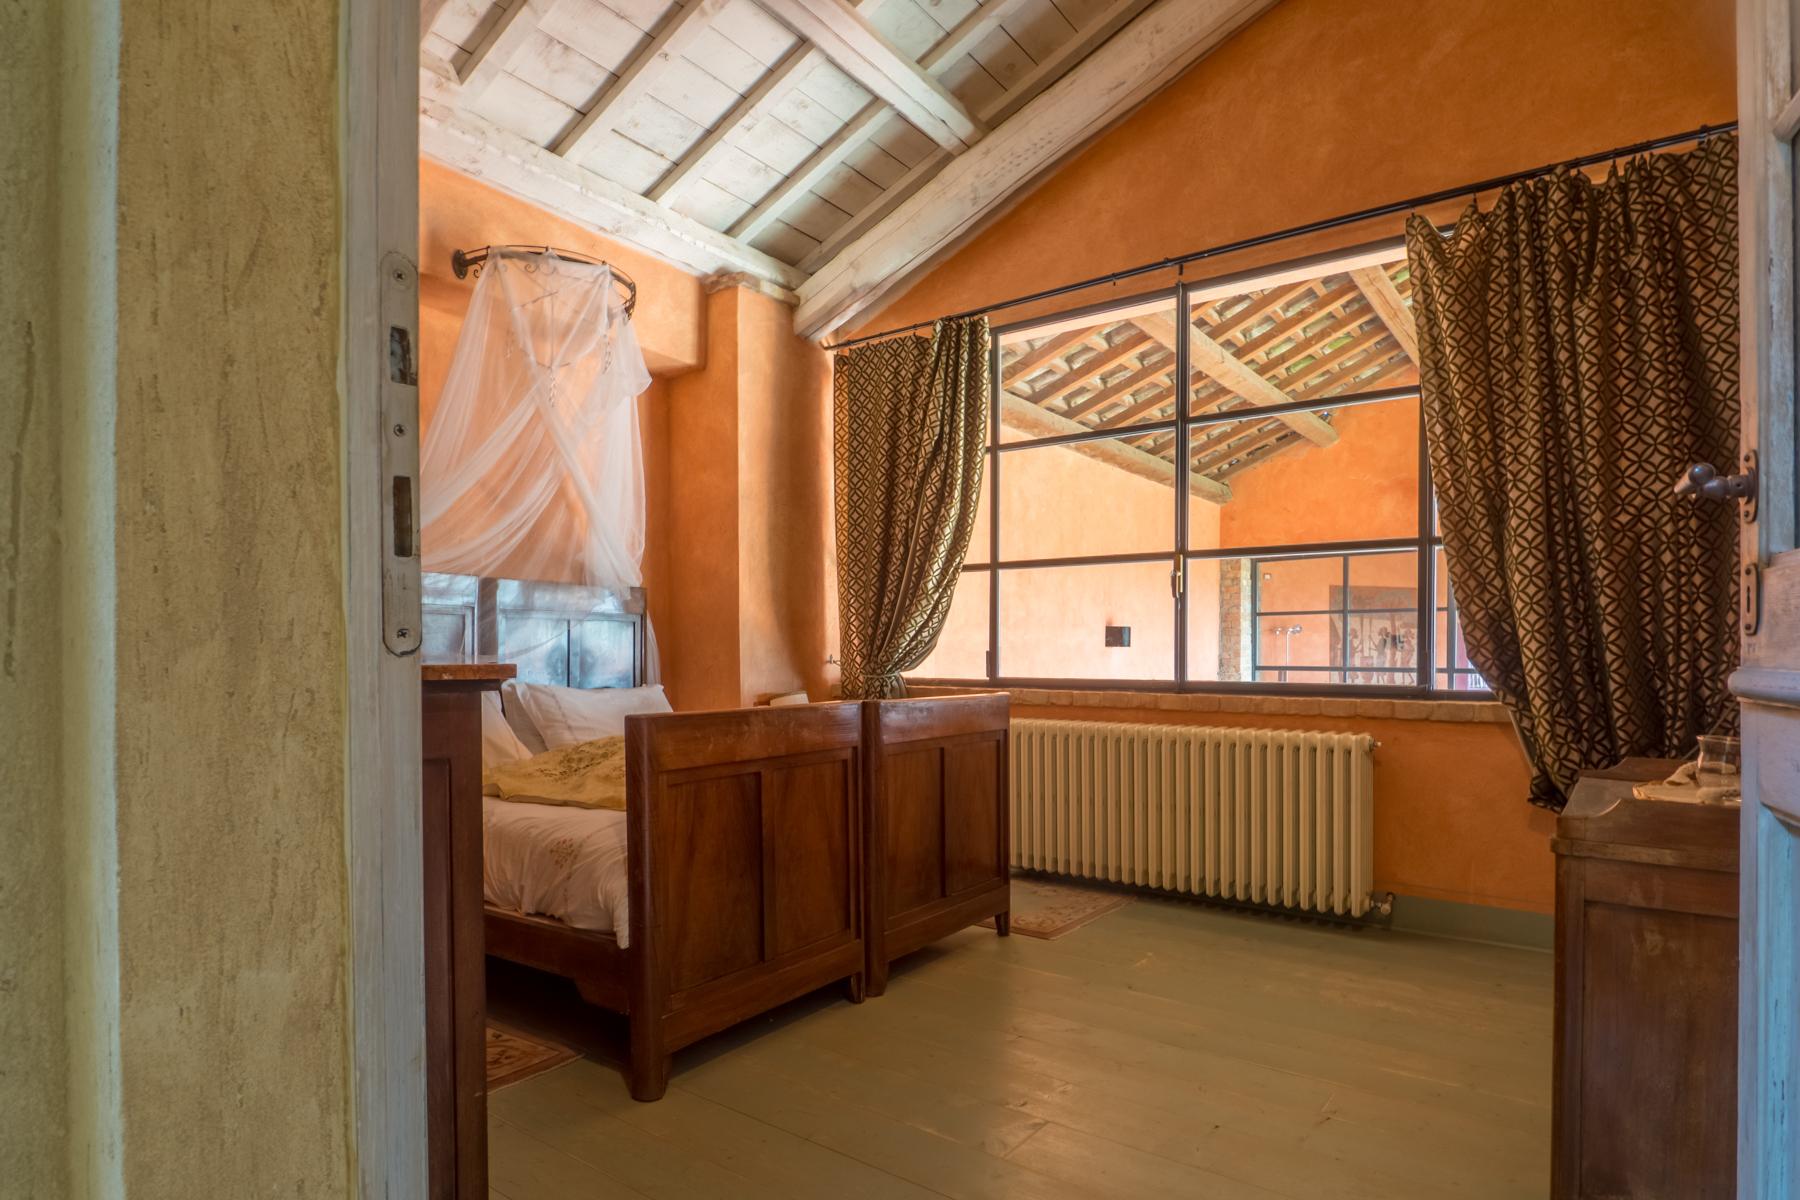 Rustico in Vendita a Montemagno: 5 locali, 2000 mq - Foto 8